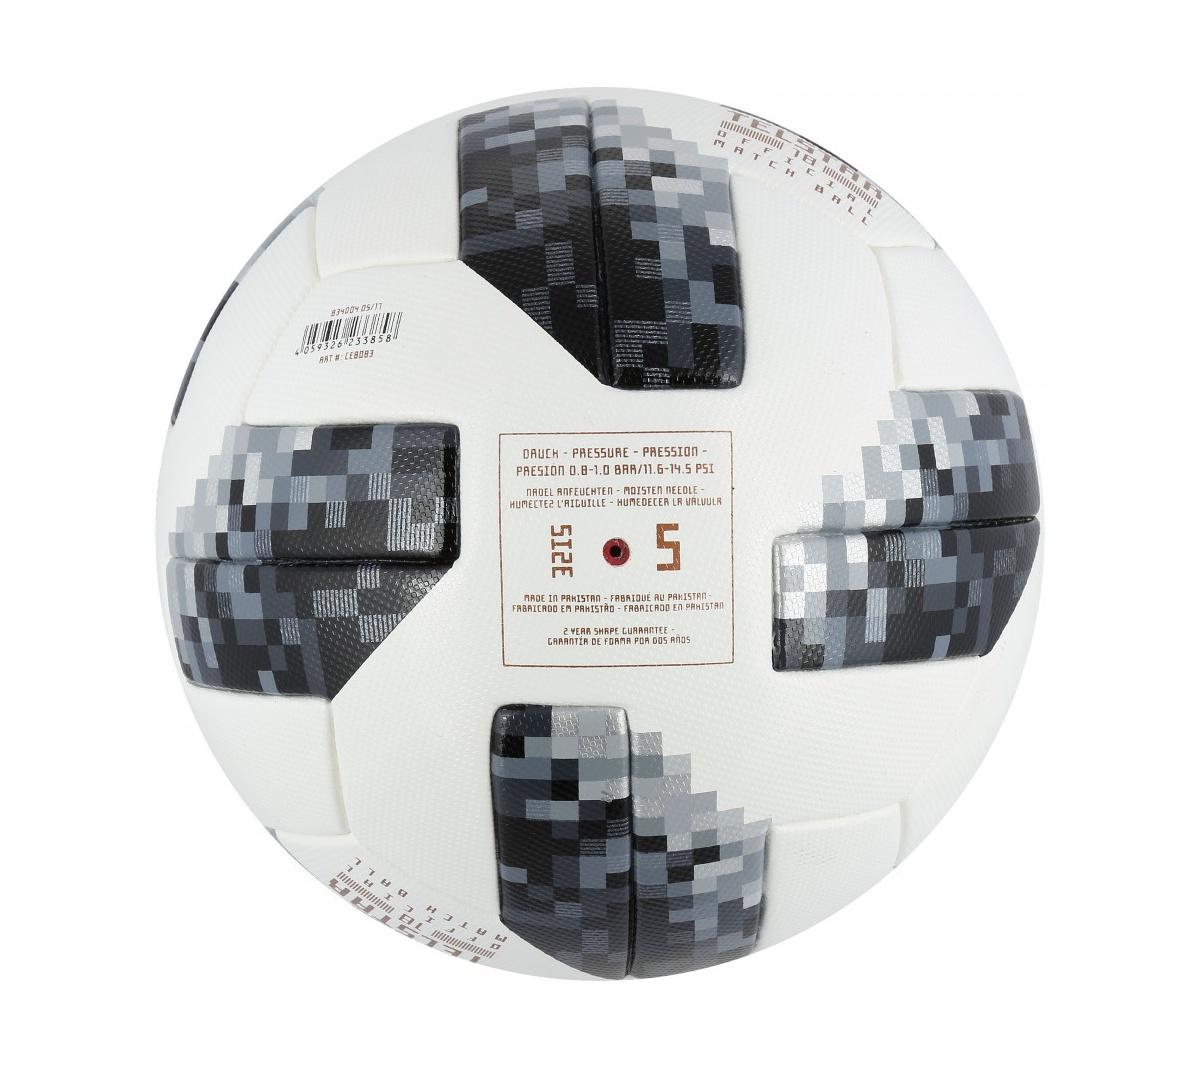 84ce086d03 ... Bola de Futebol de Campo Telstar Oficial Copa do Mundo FIFA 2018 adidas  OMB